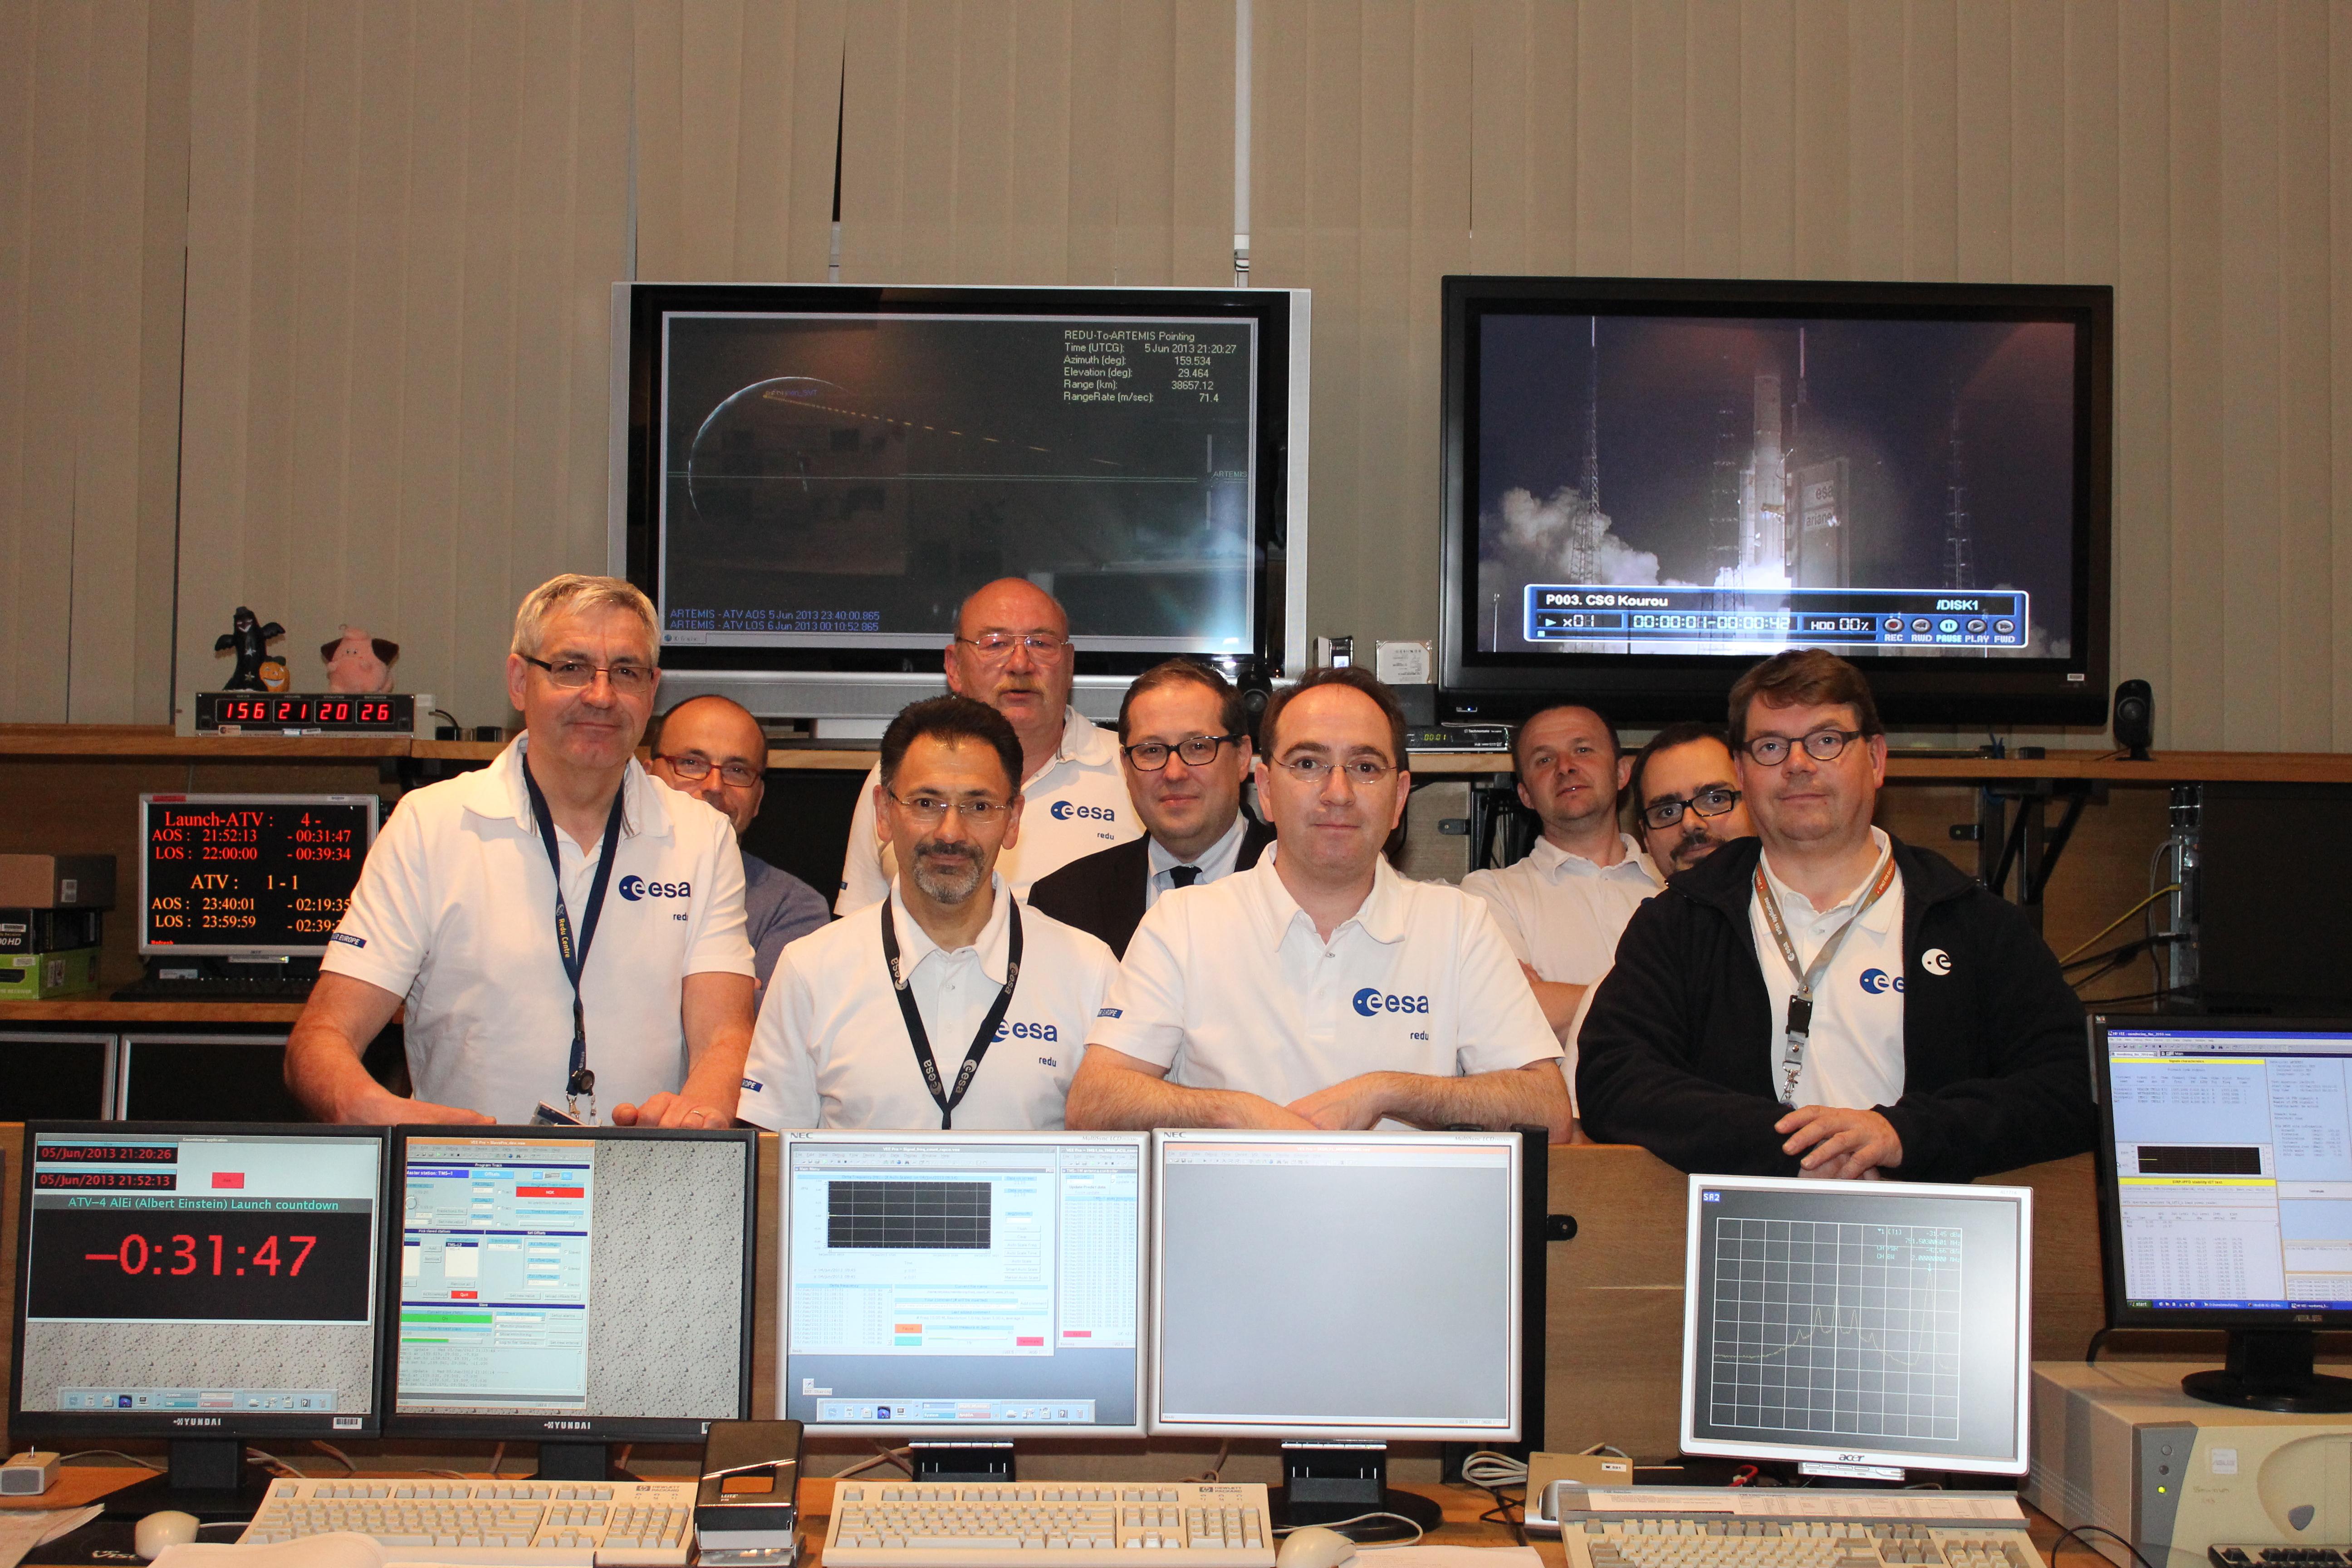 launch profile esa atv - photo #39